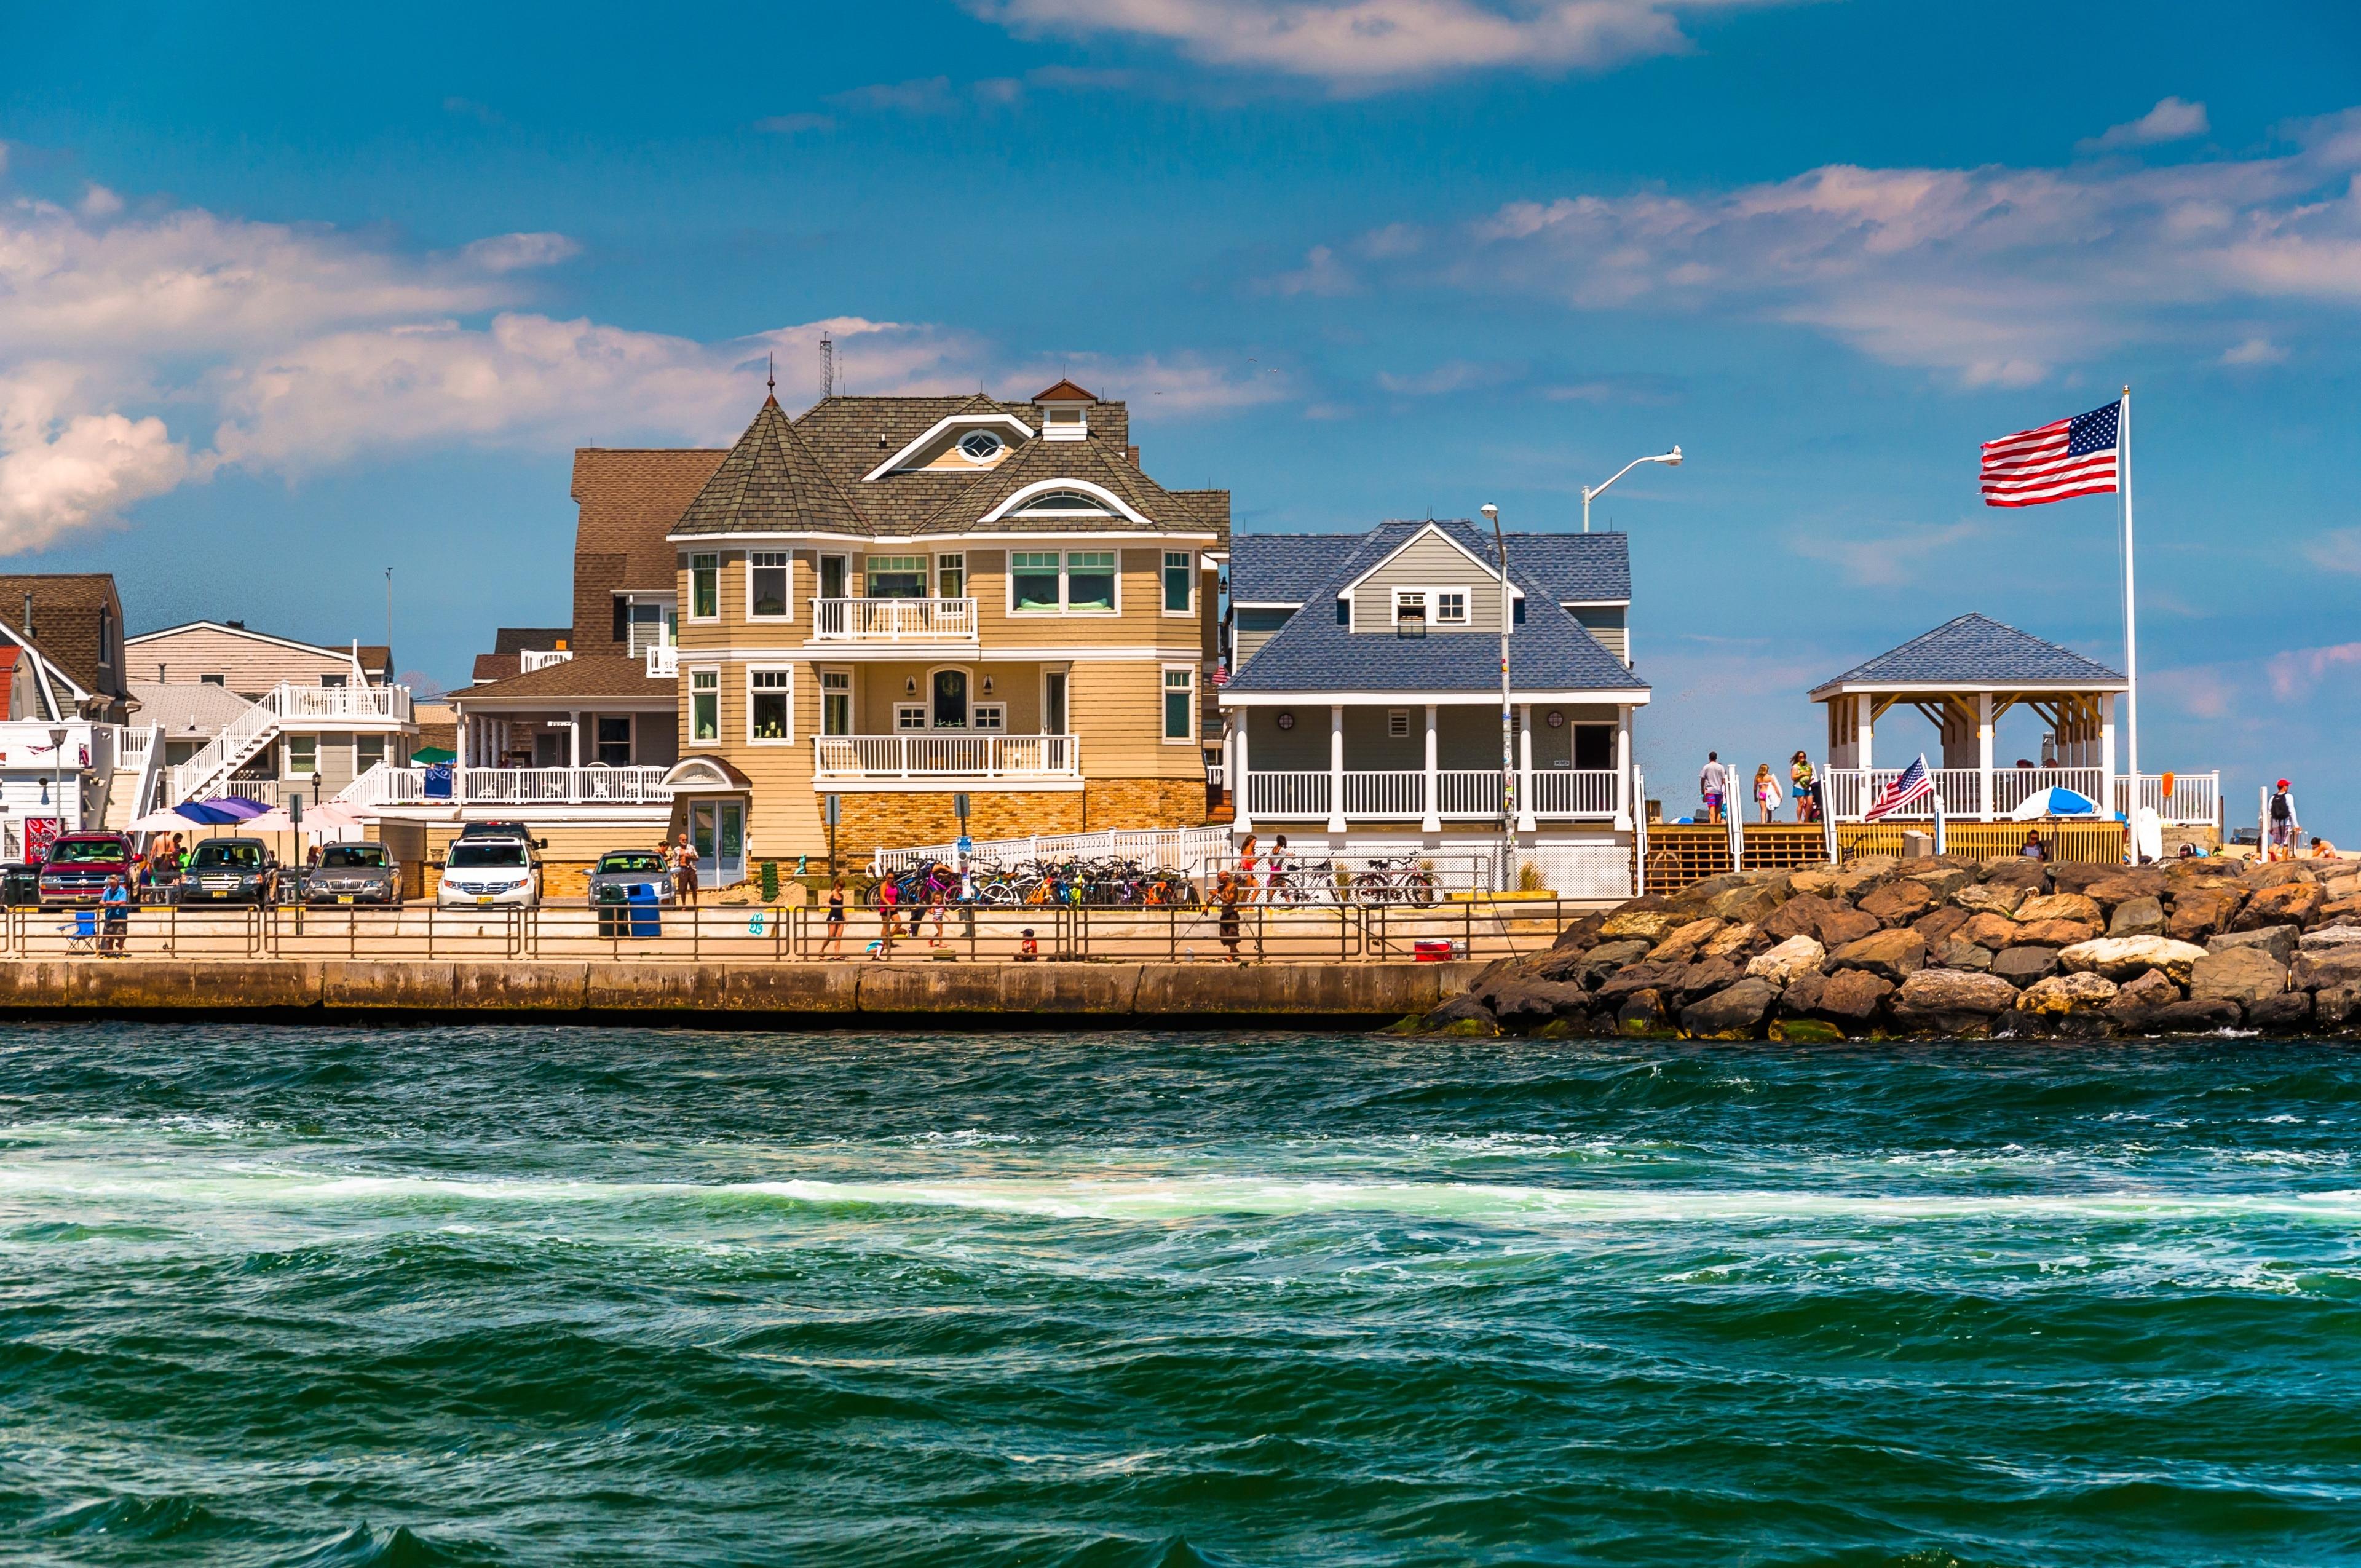 Point Pleasant Beach, New Jersey, Verenigde Staten